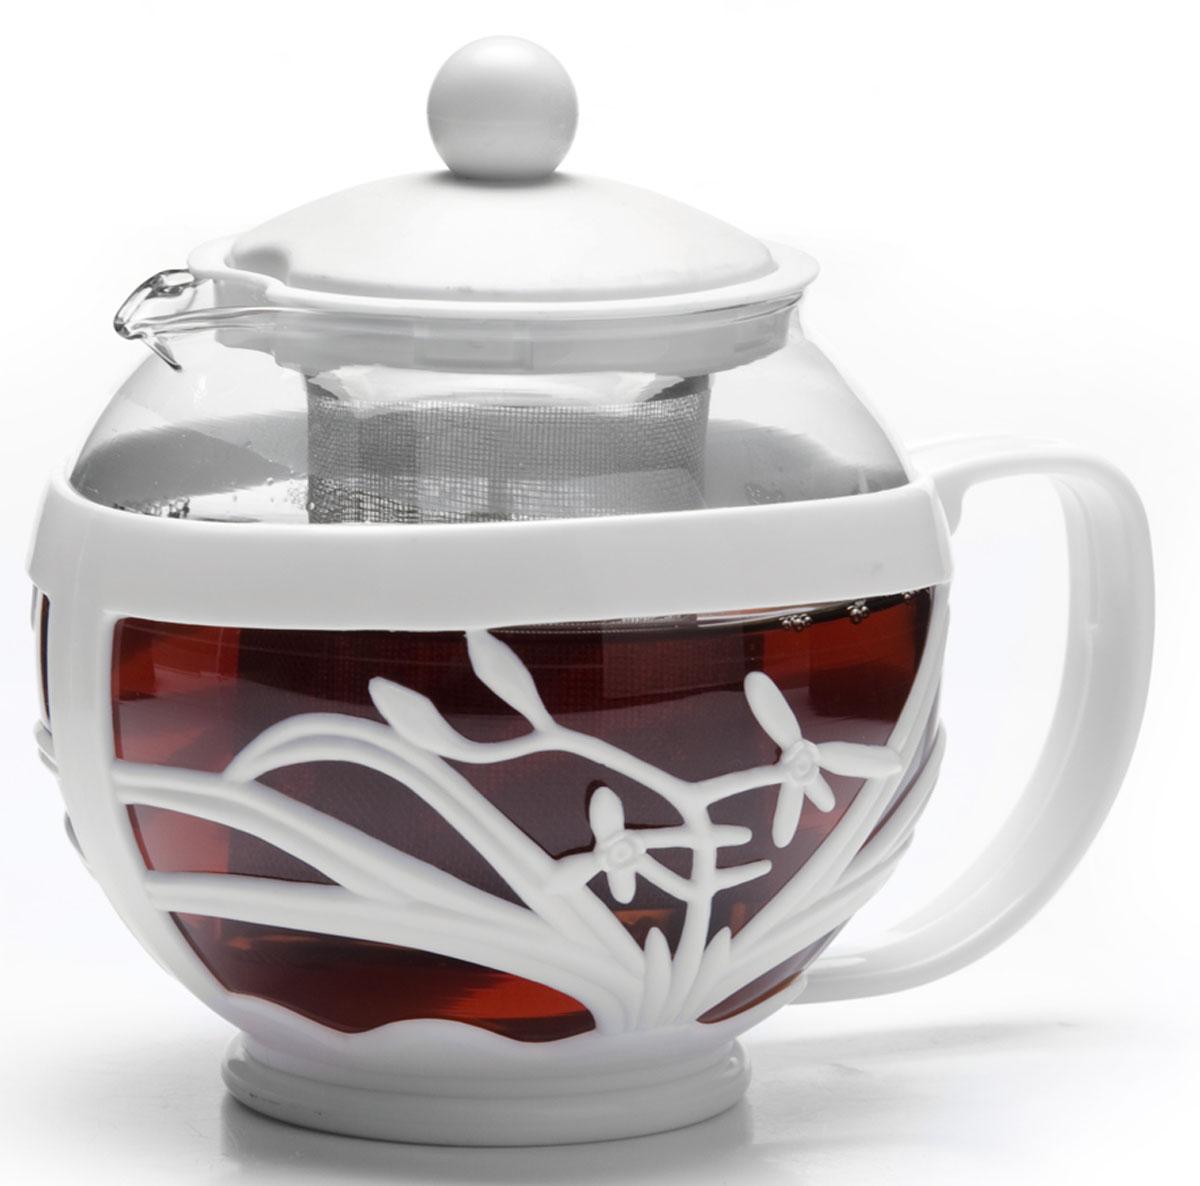 Чайник заварочный Mayer&Boch, 750 мл 26809-3065132Заварочный чайник Mayer & Boch изготовлен из термостойкого боросиликатного стекла, фильтр выполнен из нержавеющей стали. Изделия из стекла не впитывают запахи, благодаря чему вы всегда получите натуральный, насыщенный вкус и аромат напитков.Заварочный чайник из стекла удобно использовать для повседневного заваривания чая практически любого сорта. Но цветочные, фруктовые, красные и желтые сорта чая лучше других раскрывают свой вкус и аромат при заваривании именно в стеклянных чайниках, а также сохраняют все полезные ферменты и витамины, содержащиеся в чайных листах. Стальной фильтр гарантирует прозрачность и чистоту напитка от чайных листьев, при этом сохранив букет и насыщенность чая. Прозрачные стенки чайника дают возможность насладиться насыщенным цветом заваренного чая.Изящный заварочный чайник Mayer & Boch будет прекрасно смотреться в любом интерьере.Подходит для мытья в посудомоечной машине.